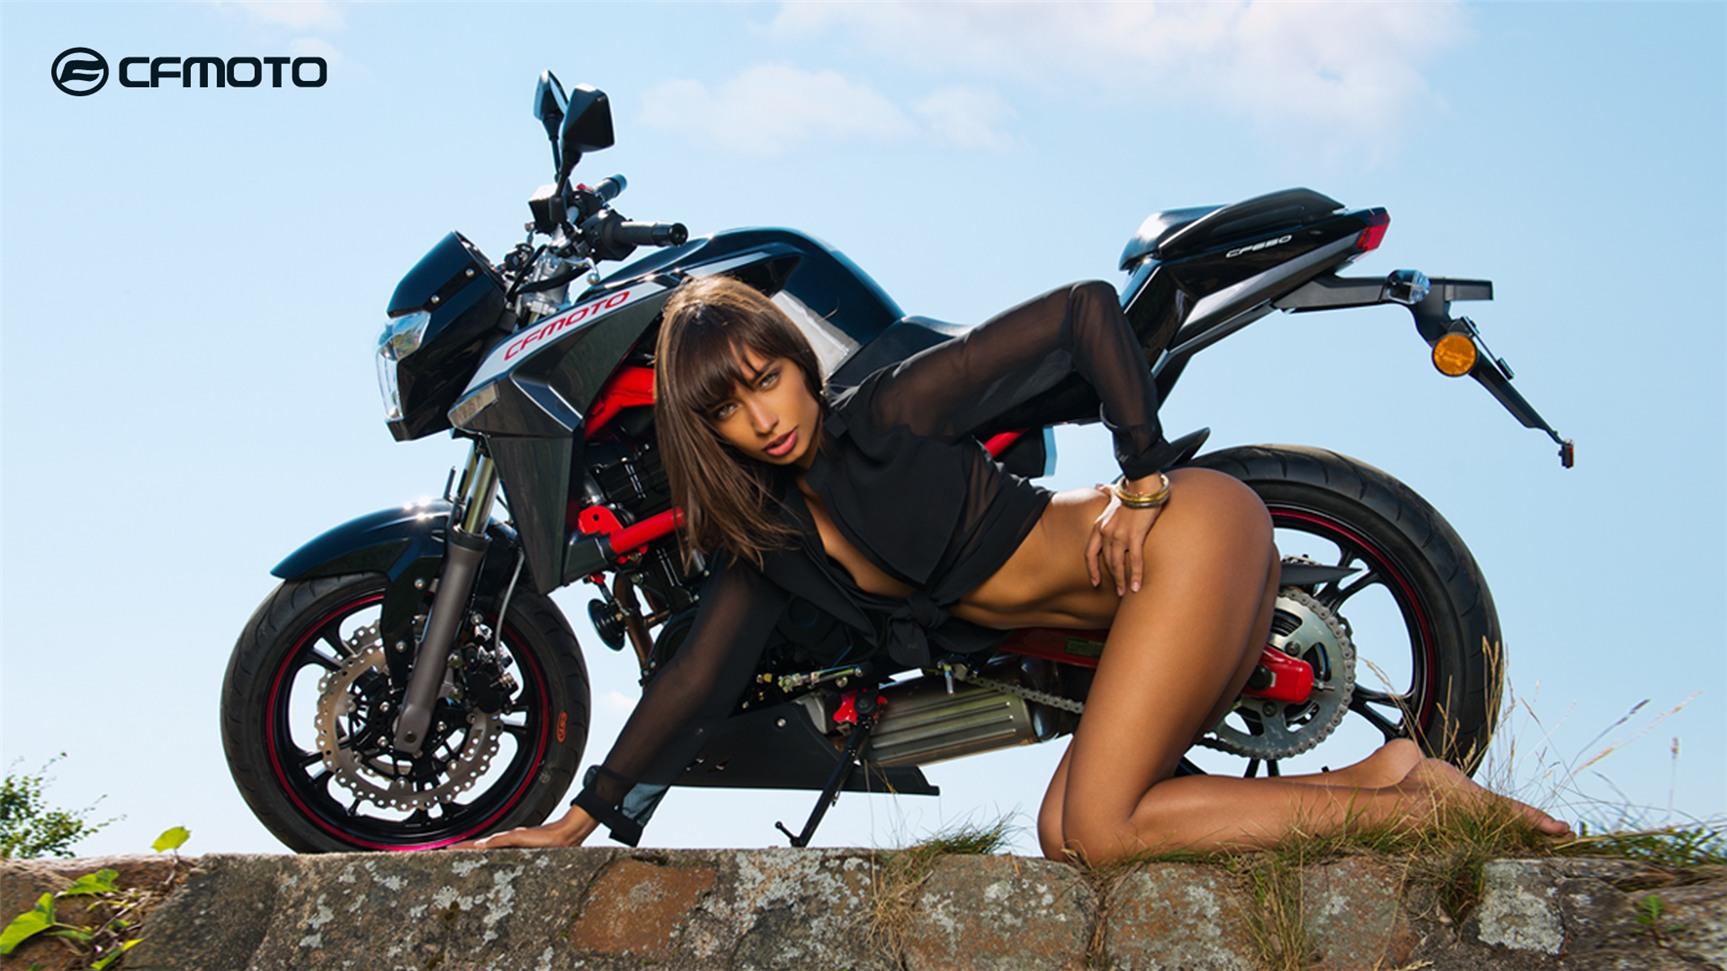 эротические фотозарисовки с квадроциклами и мототехникой CFMoto